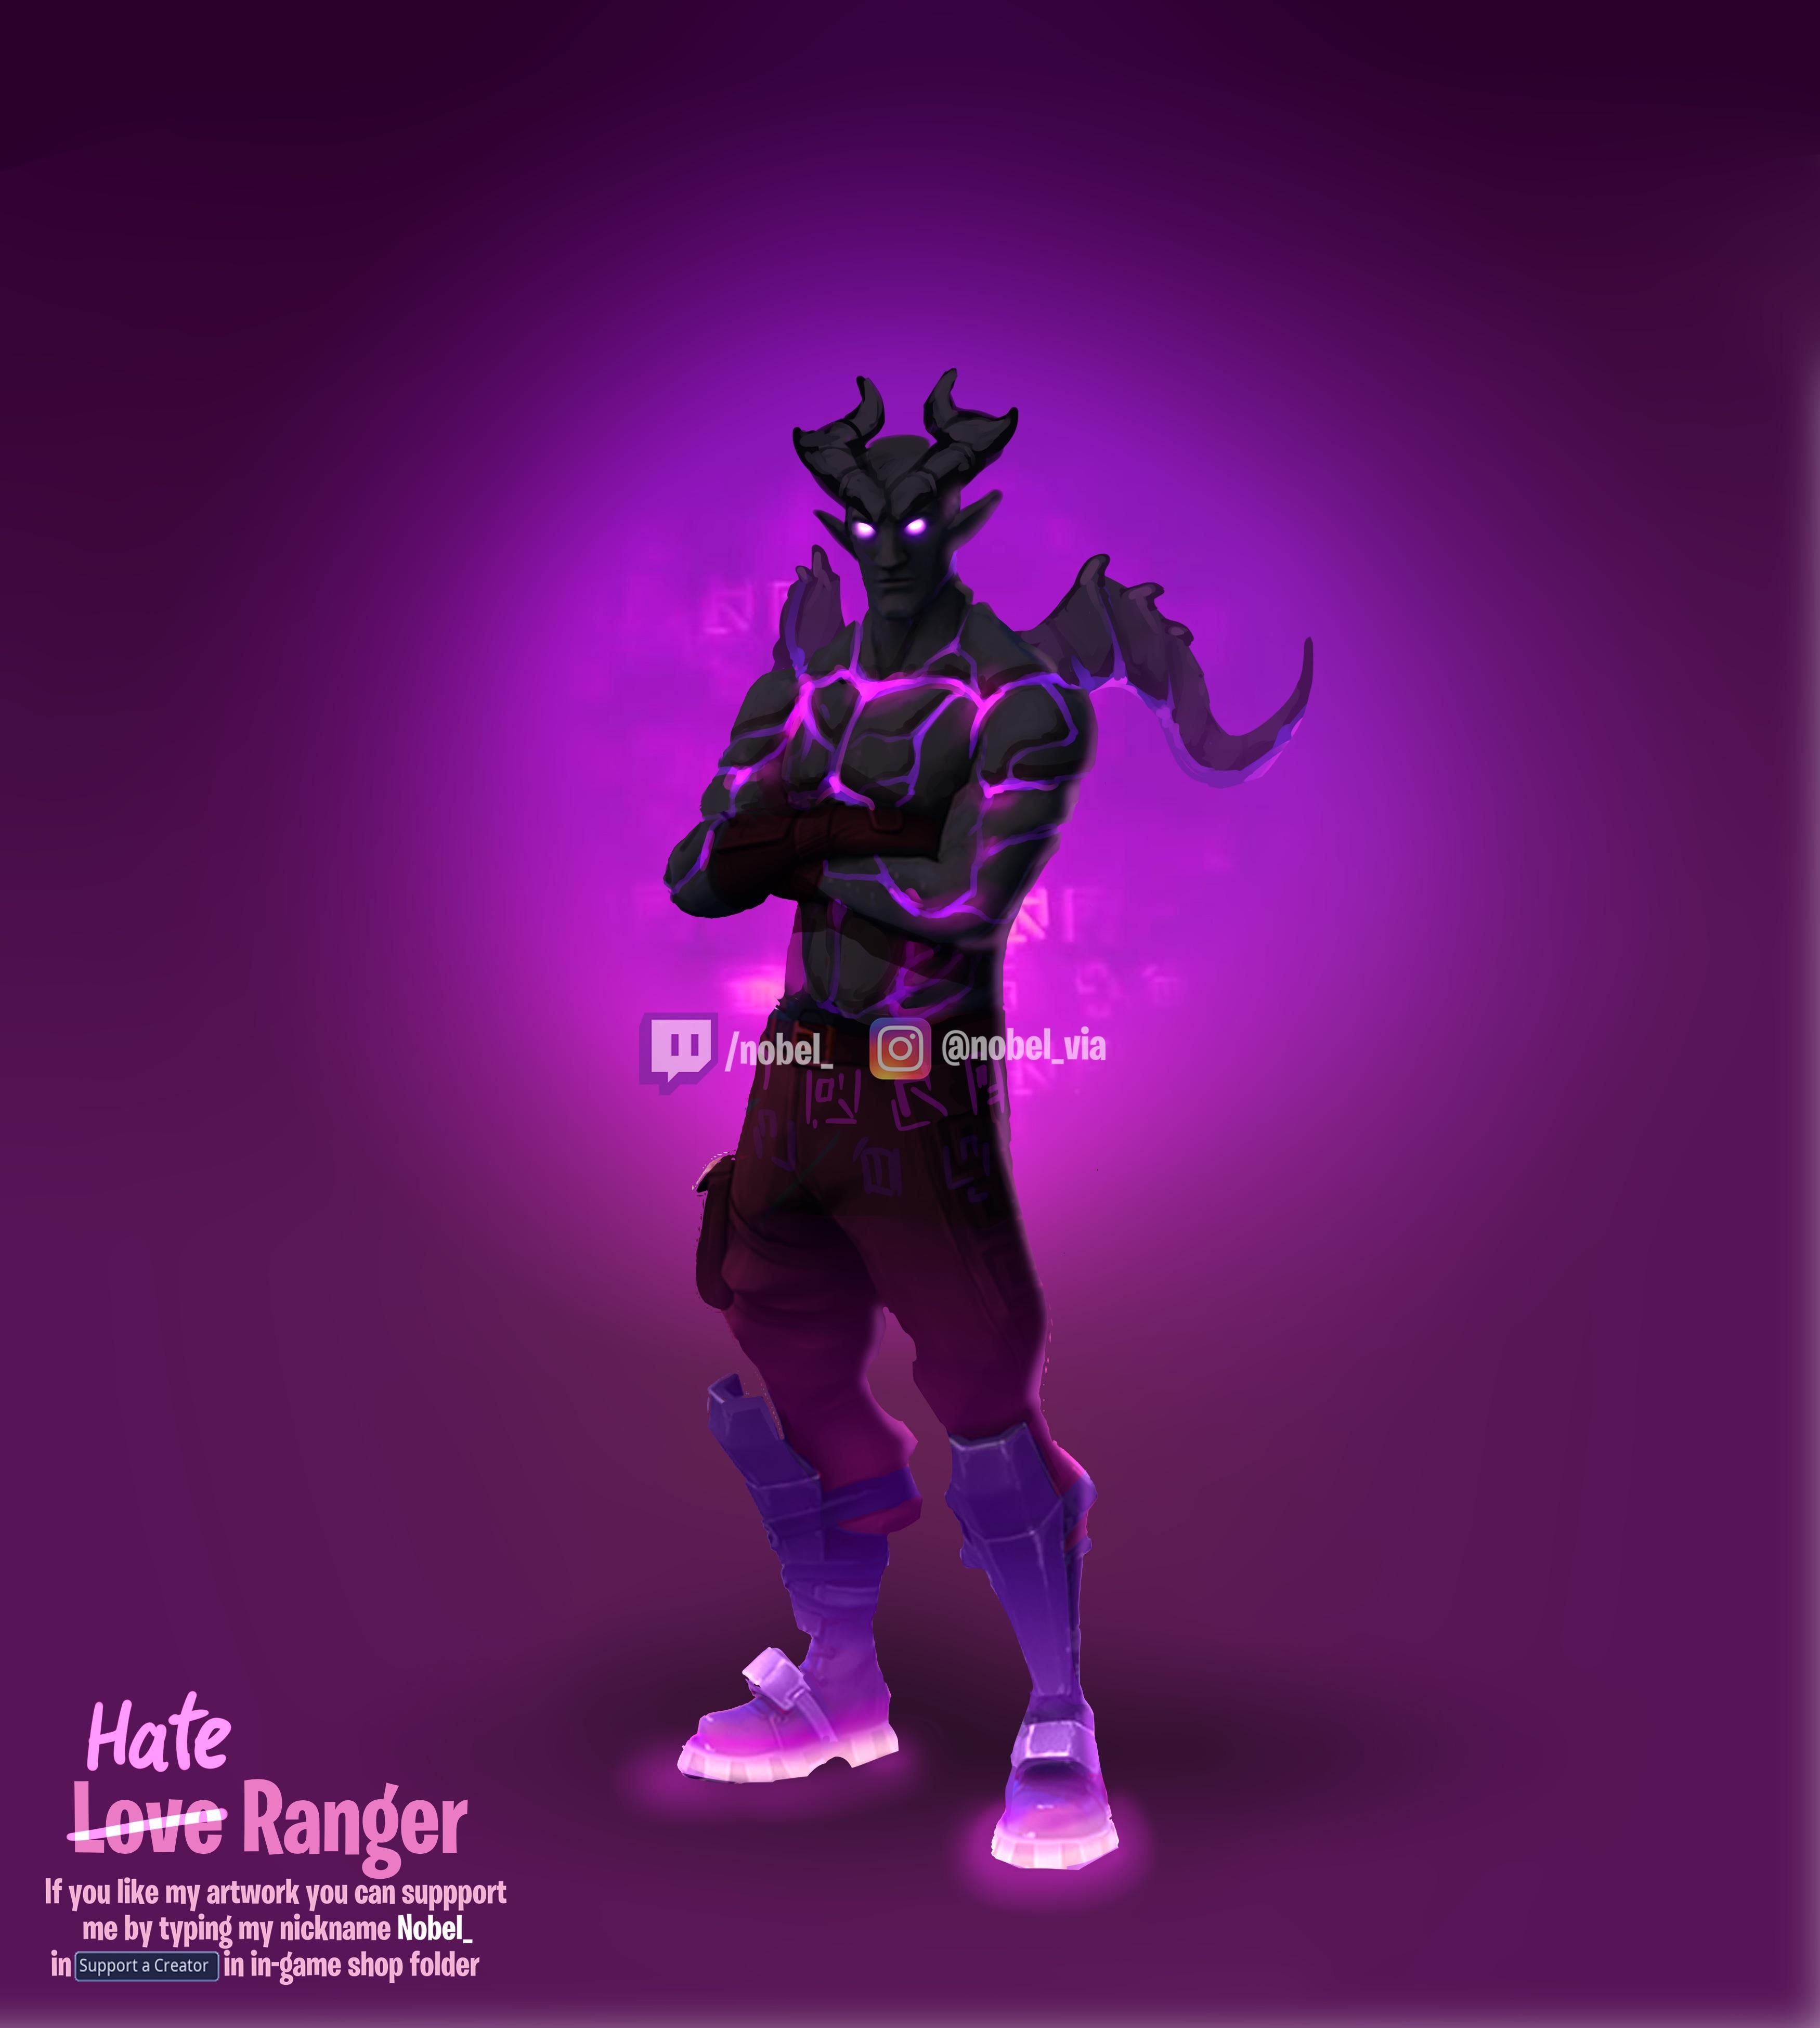 Skin Concept   Love Ranger dark counterpart   Hate Ranger FortNiteBR 3500x3900